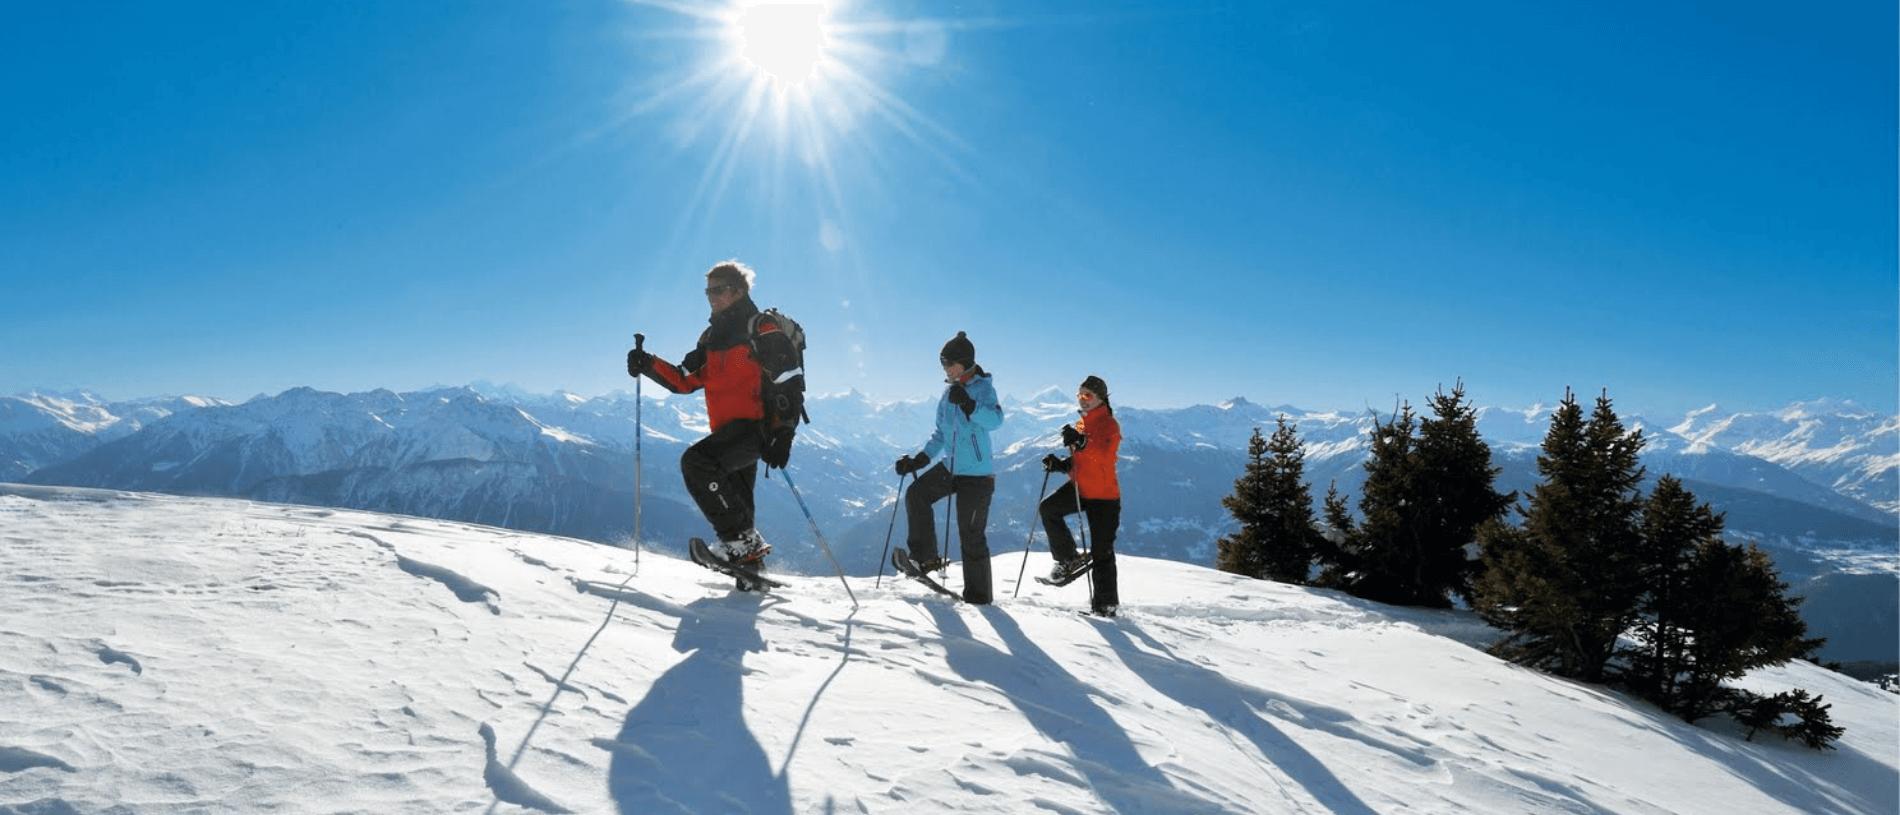 Unieke sneeuwschoenwandelingen in Oostenrijk en de Dolomieten | Fitál Vakanties